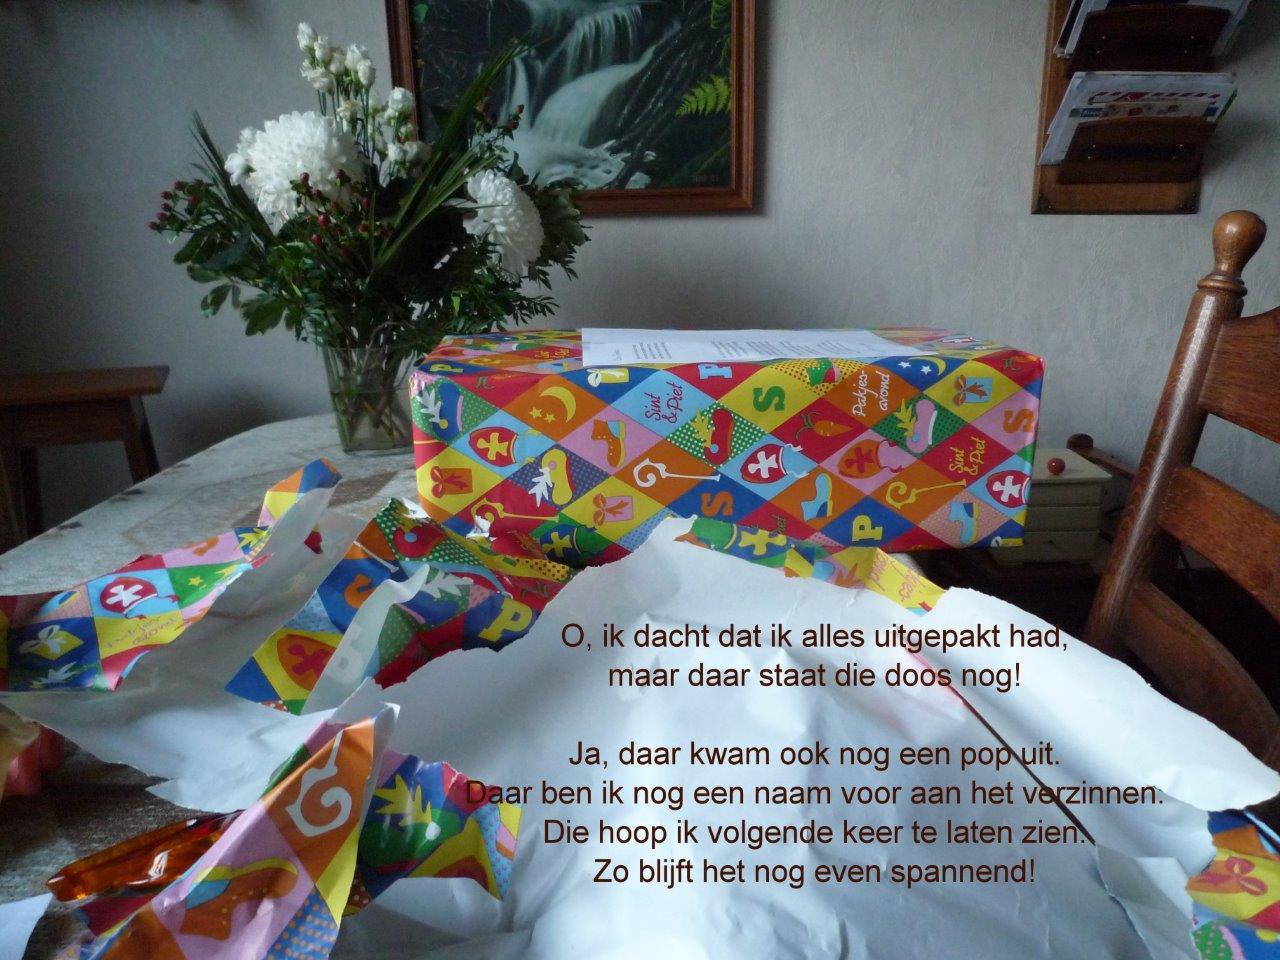 https://welkepopisdat.nl/afbeeldingen-Forum/DurvinaFotos/5%20poppen%20(12).jpg